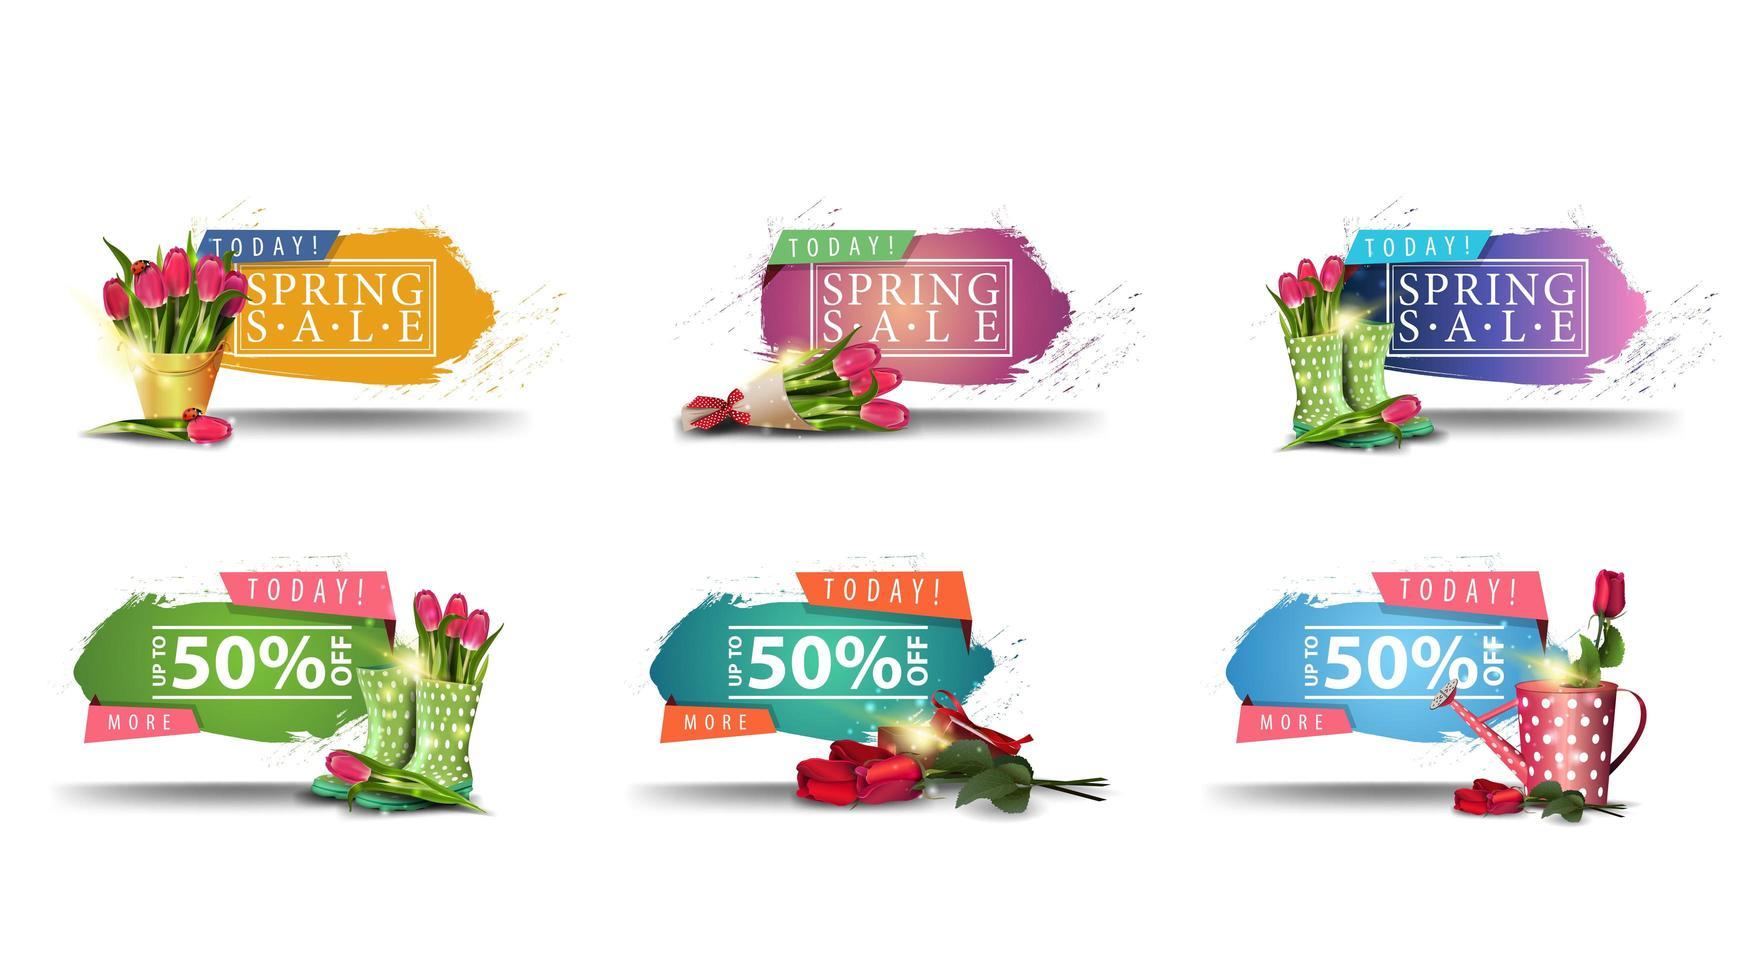 banners de venda primavera com bordas irregulares e flores vetor